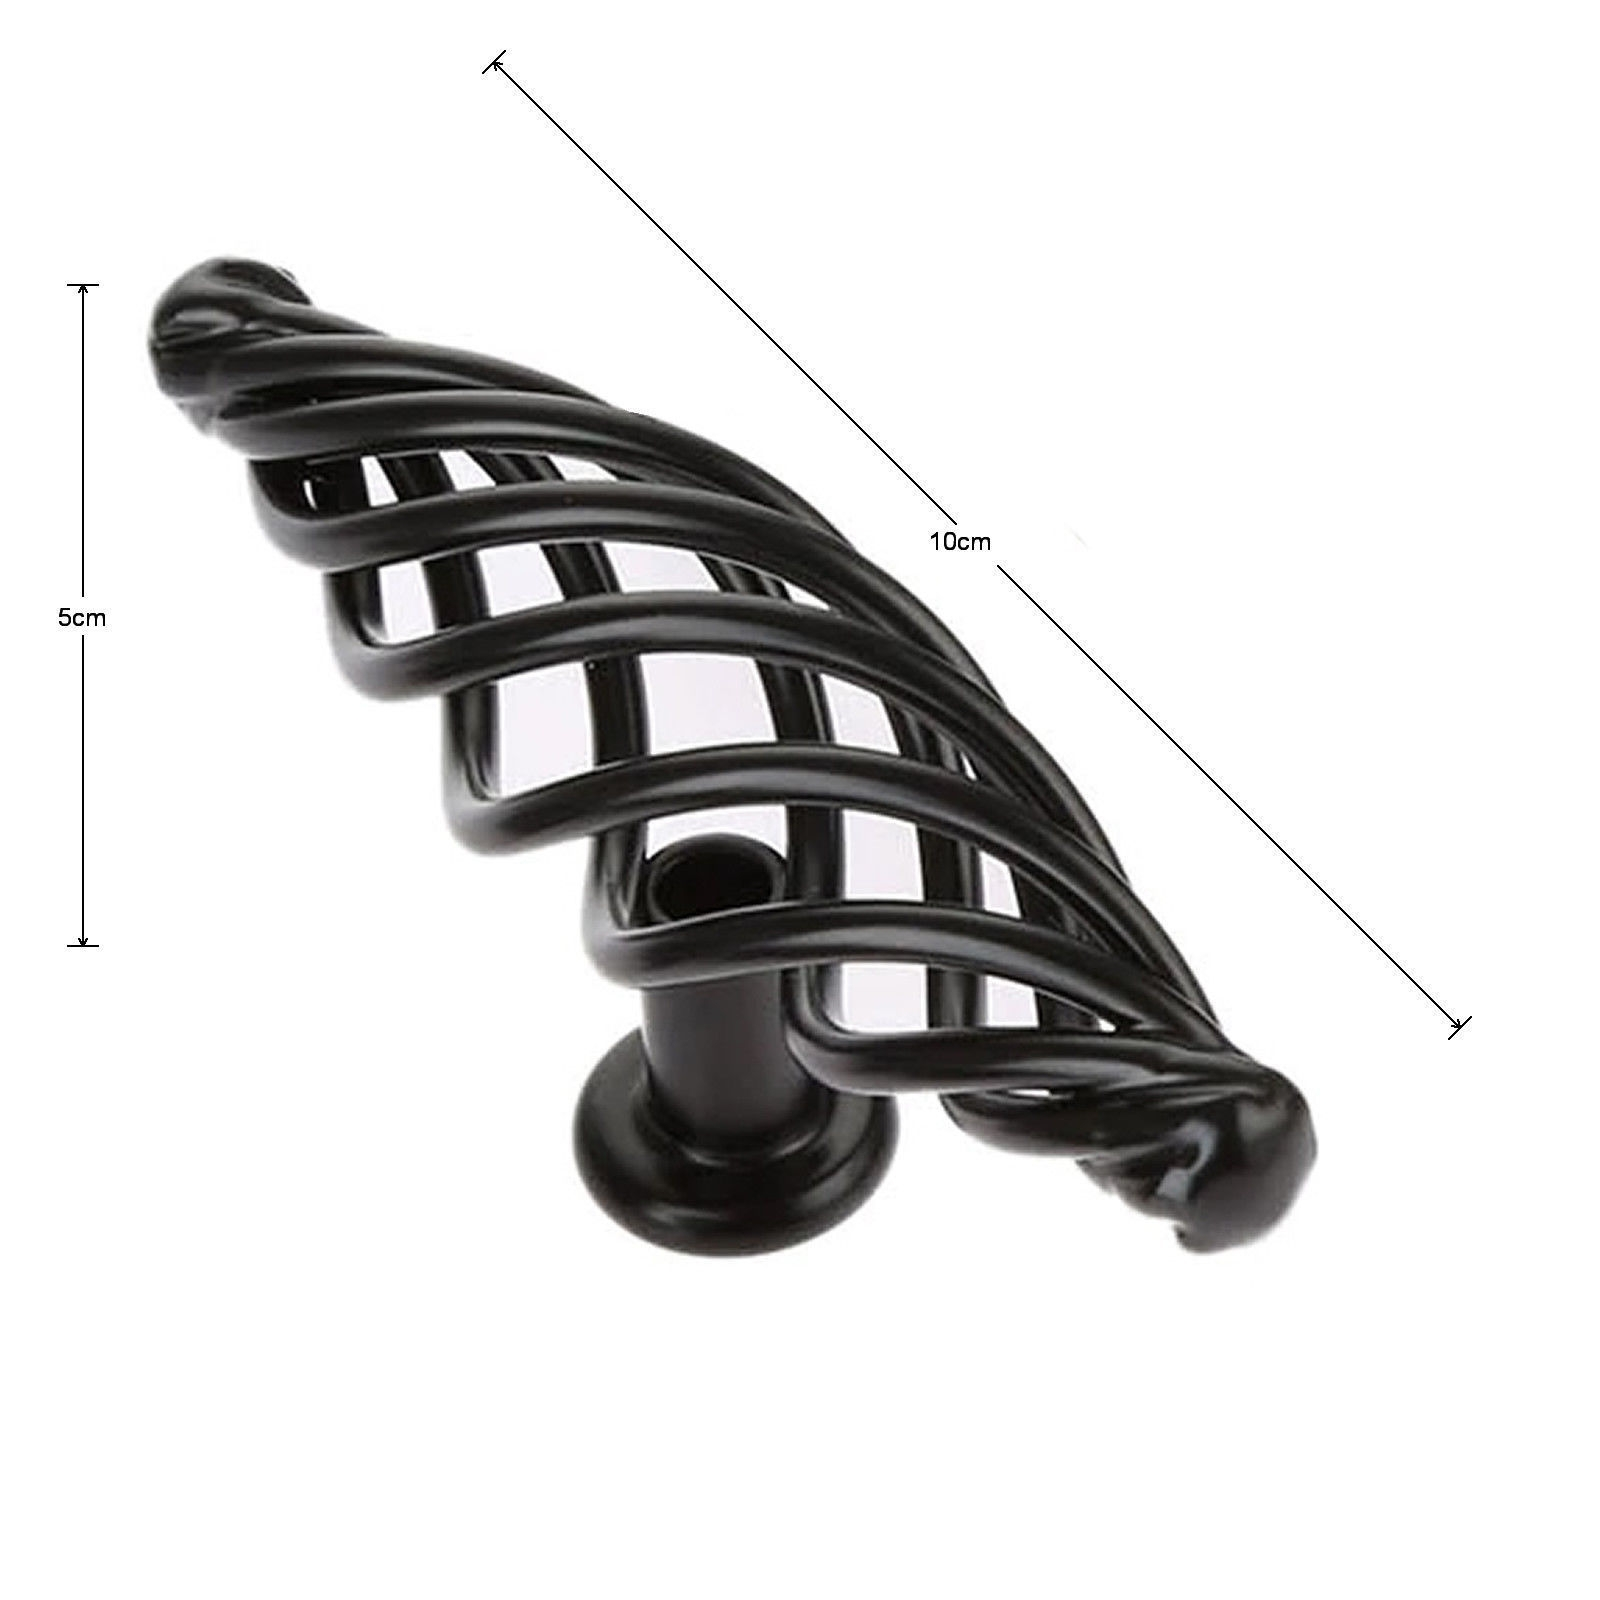 Maniglie X Mobili Da Cucina dettagli su nera maniglia per asta armadietto cucina cassetto mobili camera  da letto